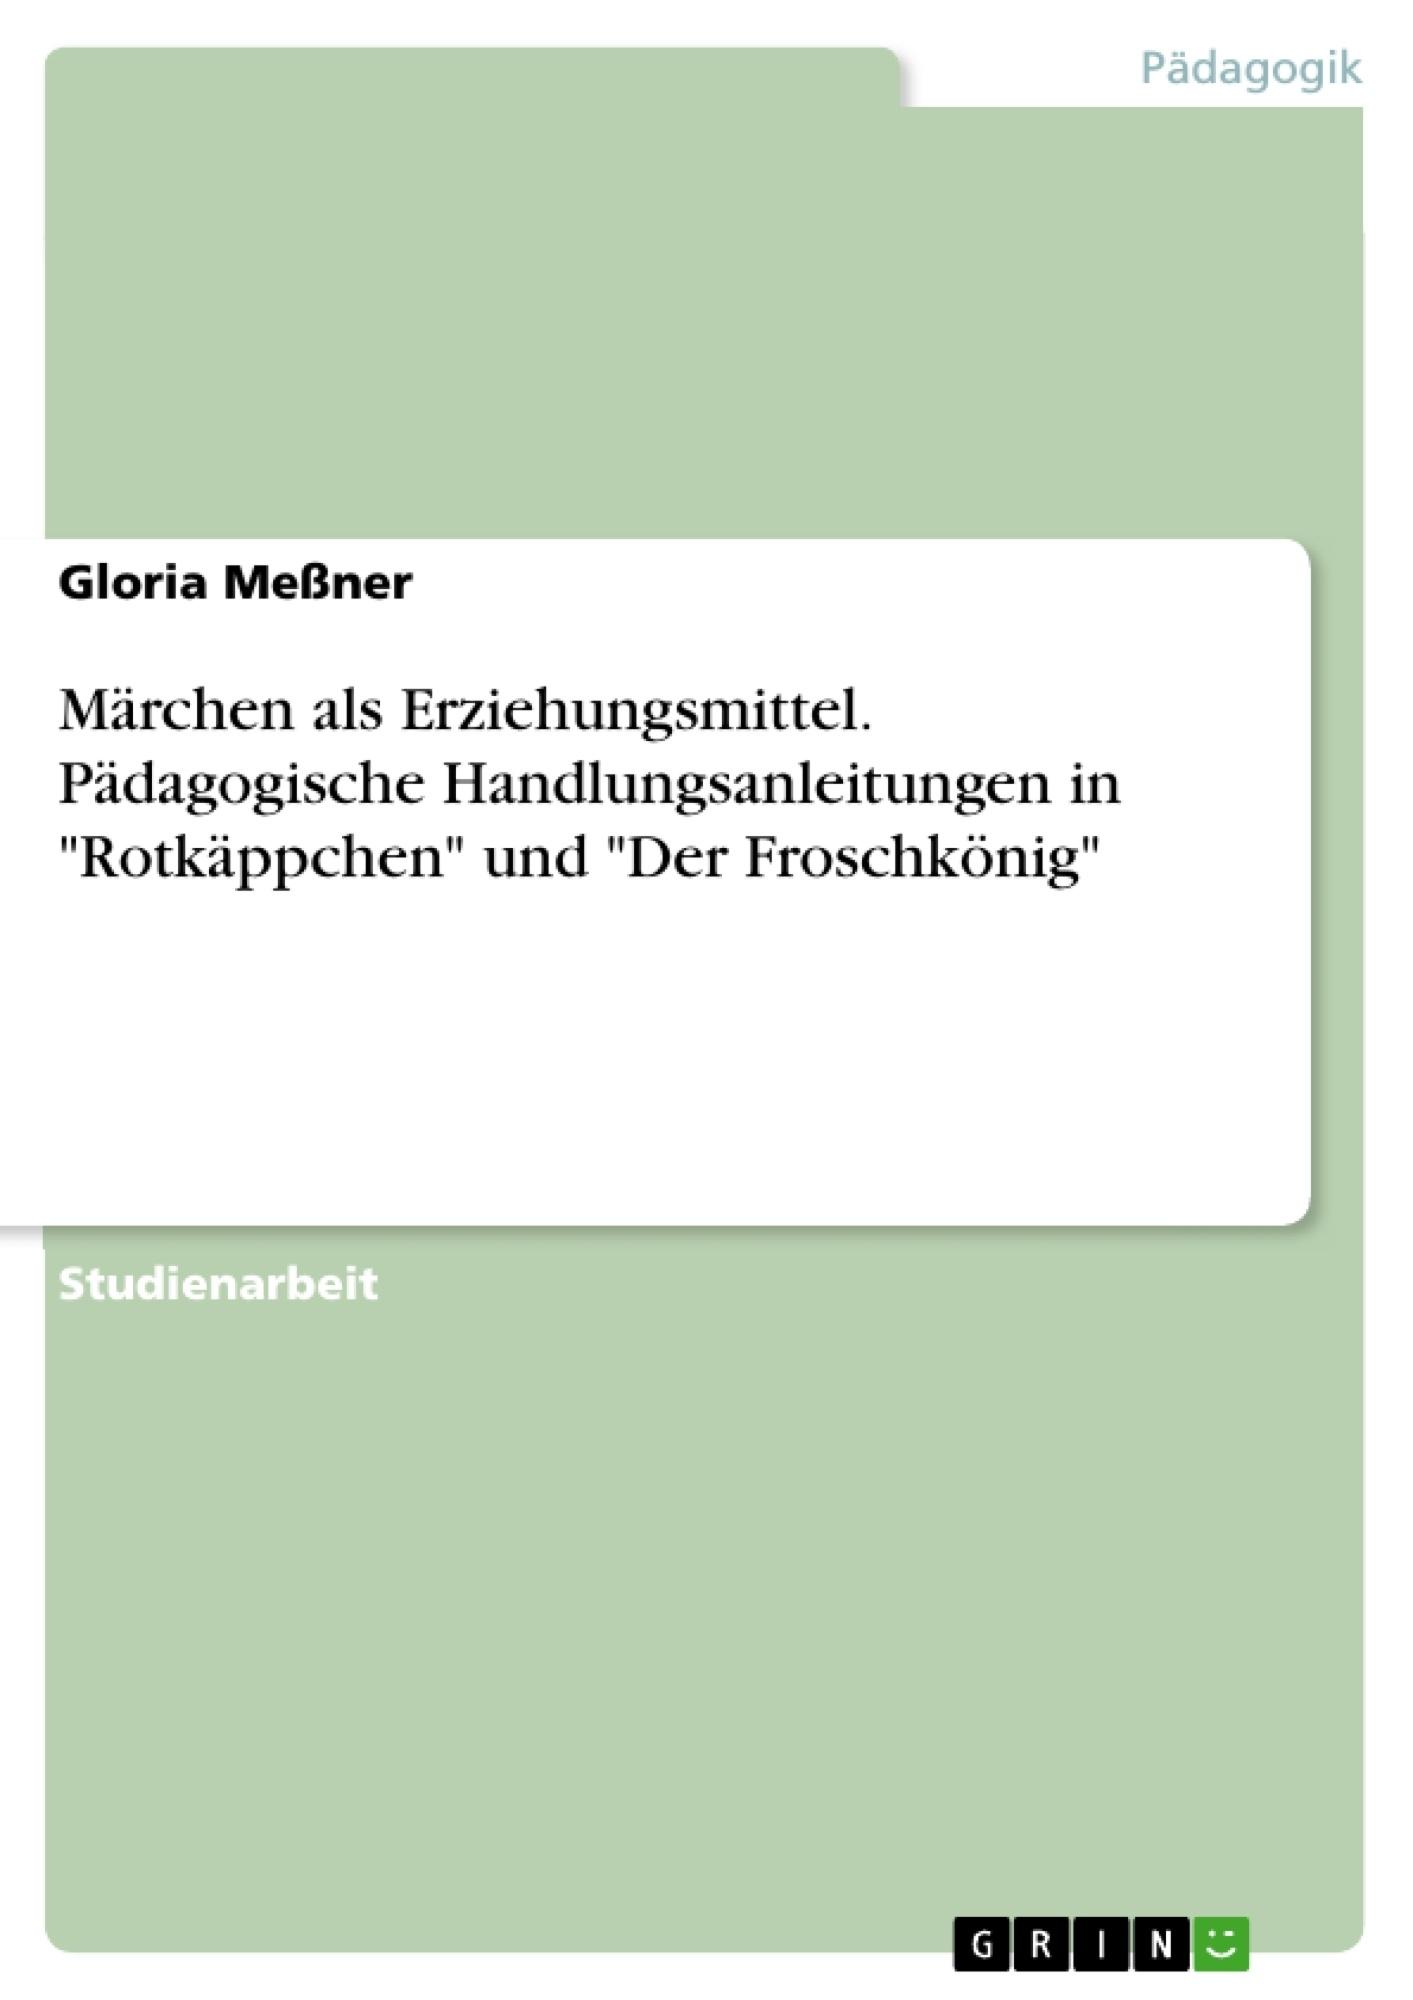 """Titel: Märchen als Erziehungsmittel. Pädagogische Handlungsanleitungen in """"Rotkäppchen"""" und """"Der Froschkönig"""""""